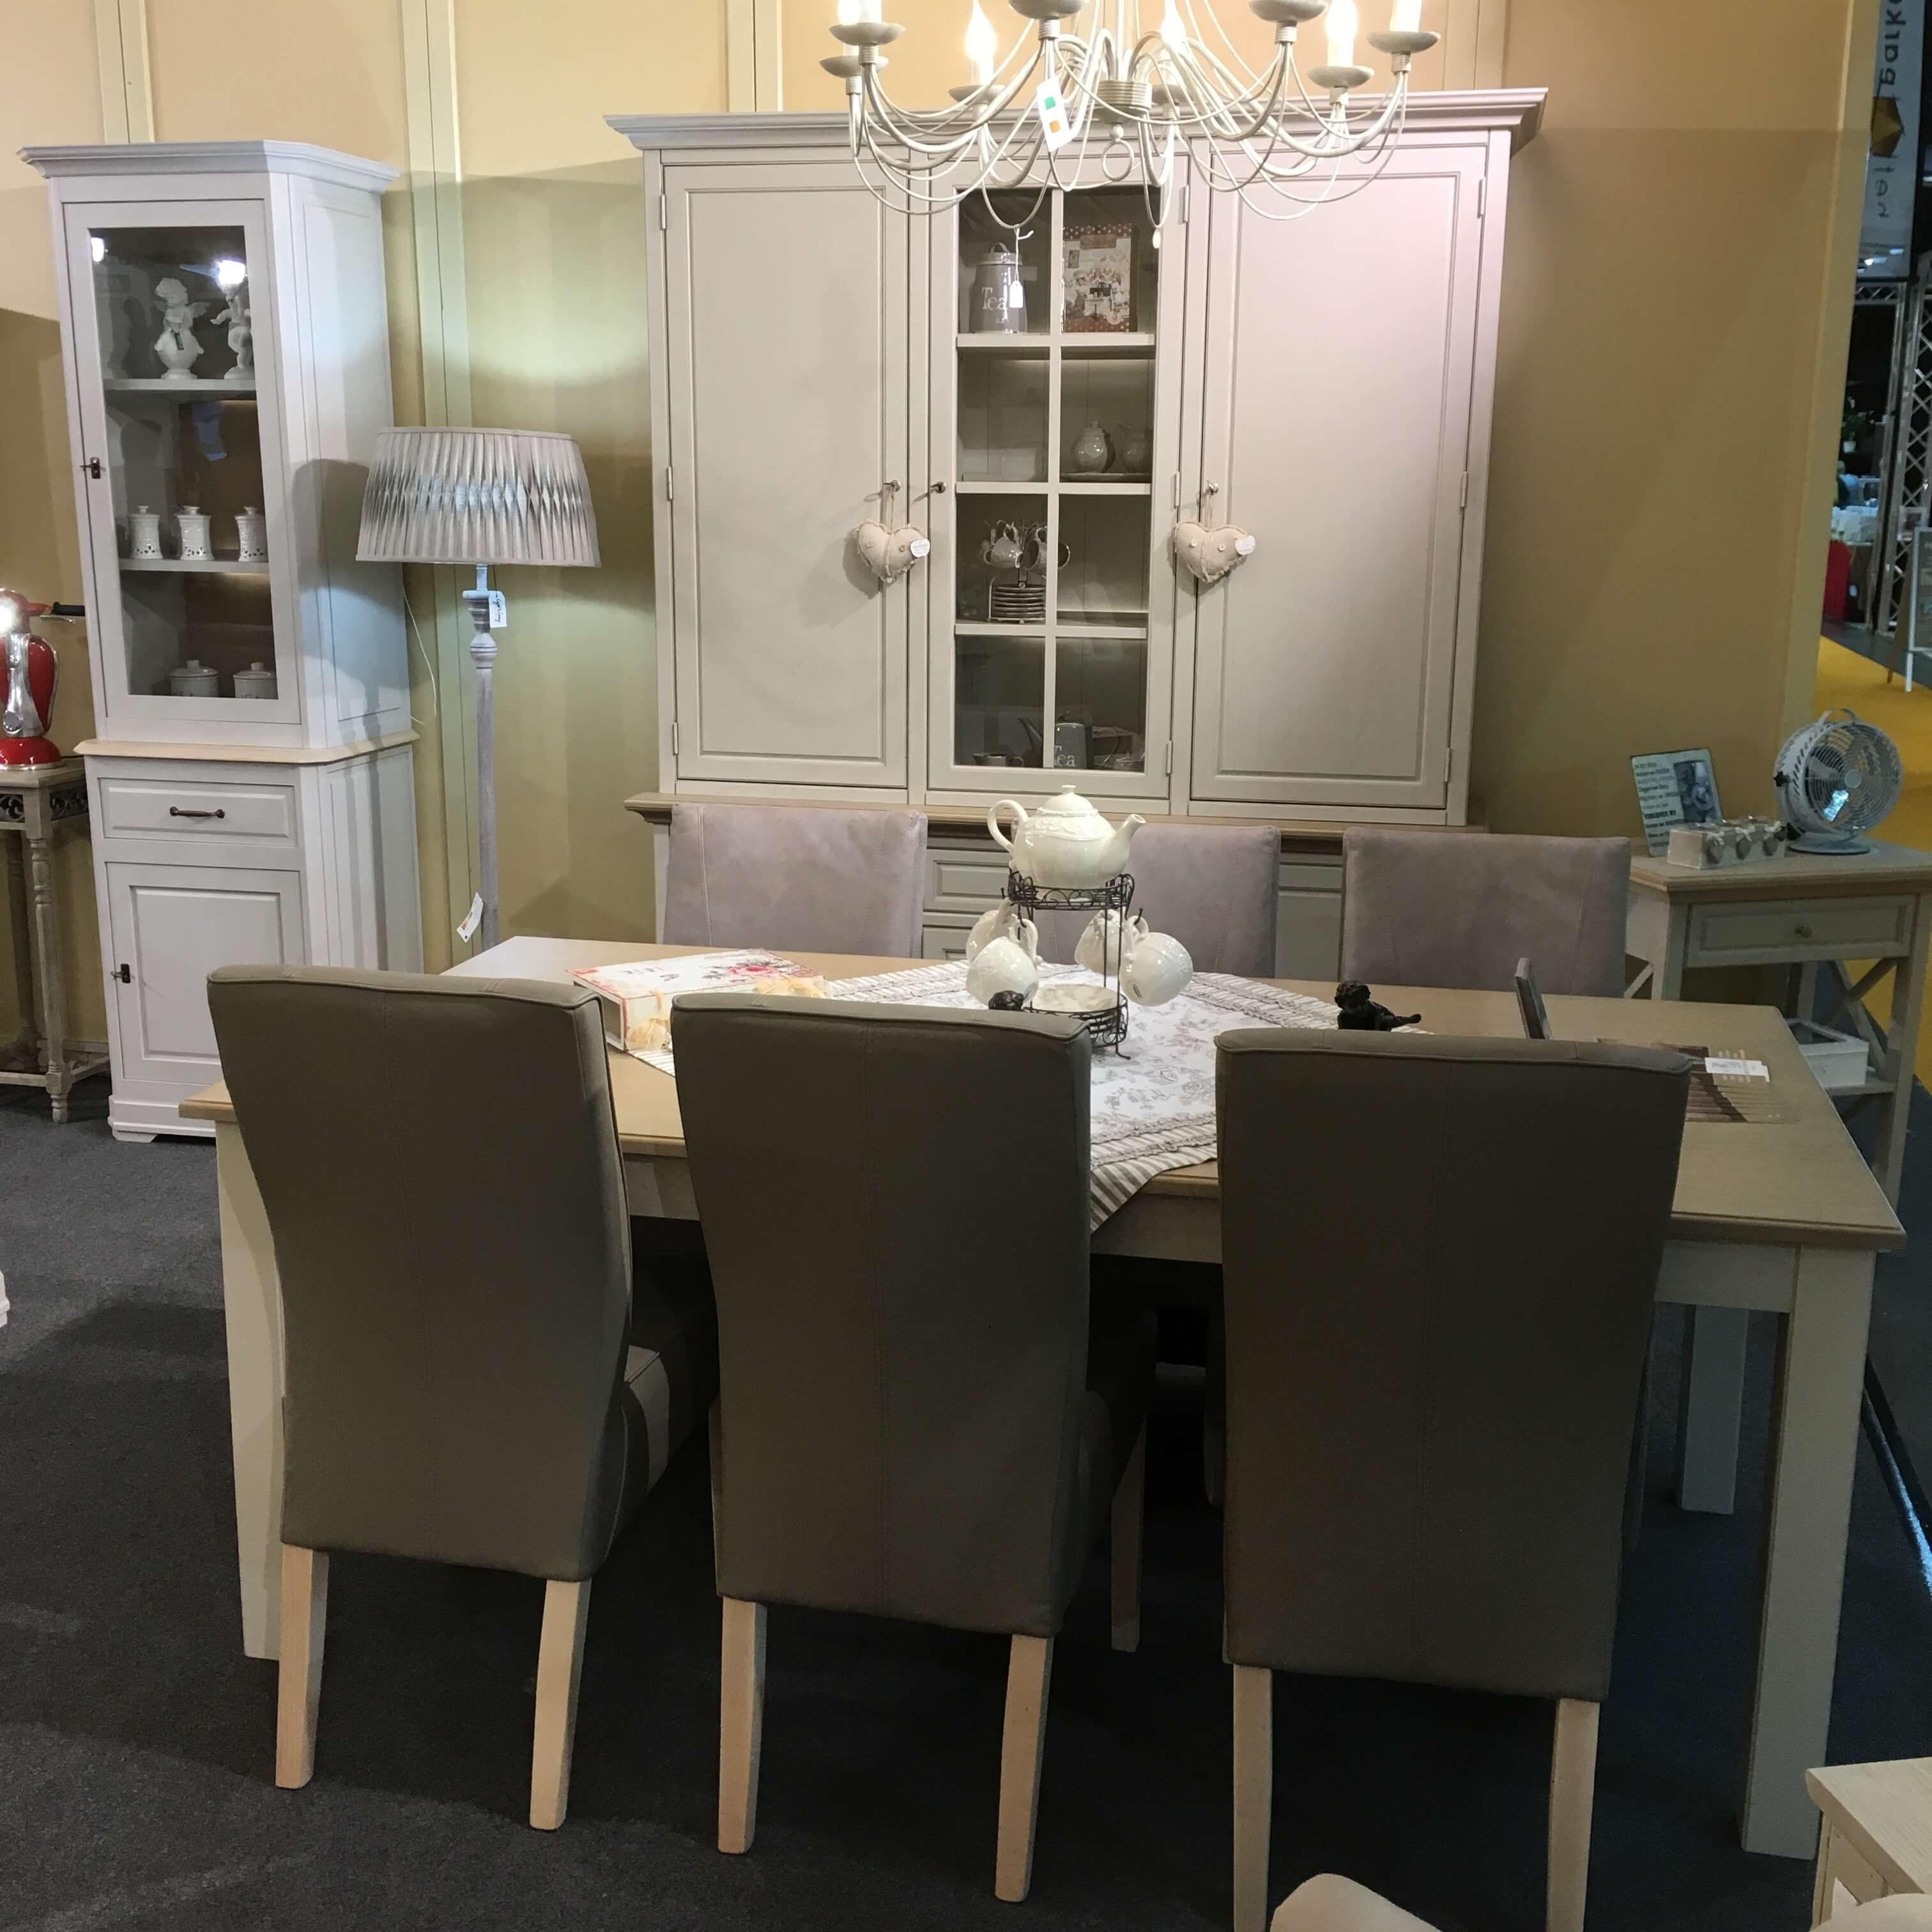 cottage meubelen in eik en diverse kleuren mogelijk